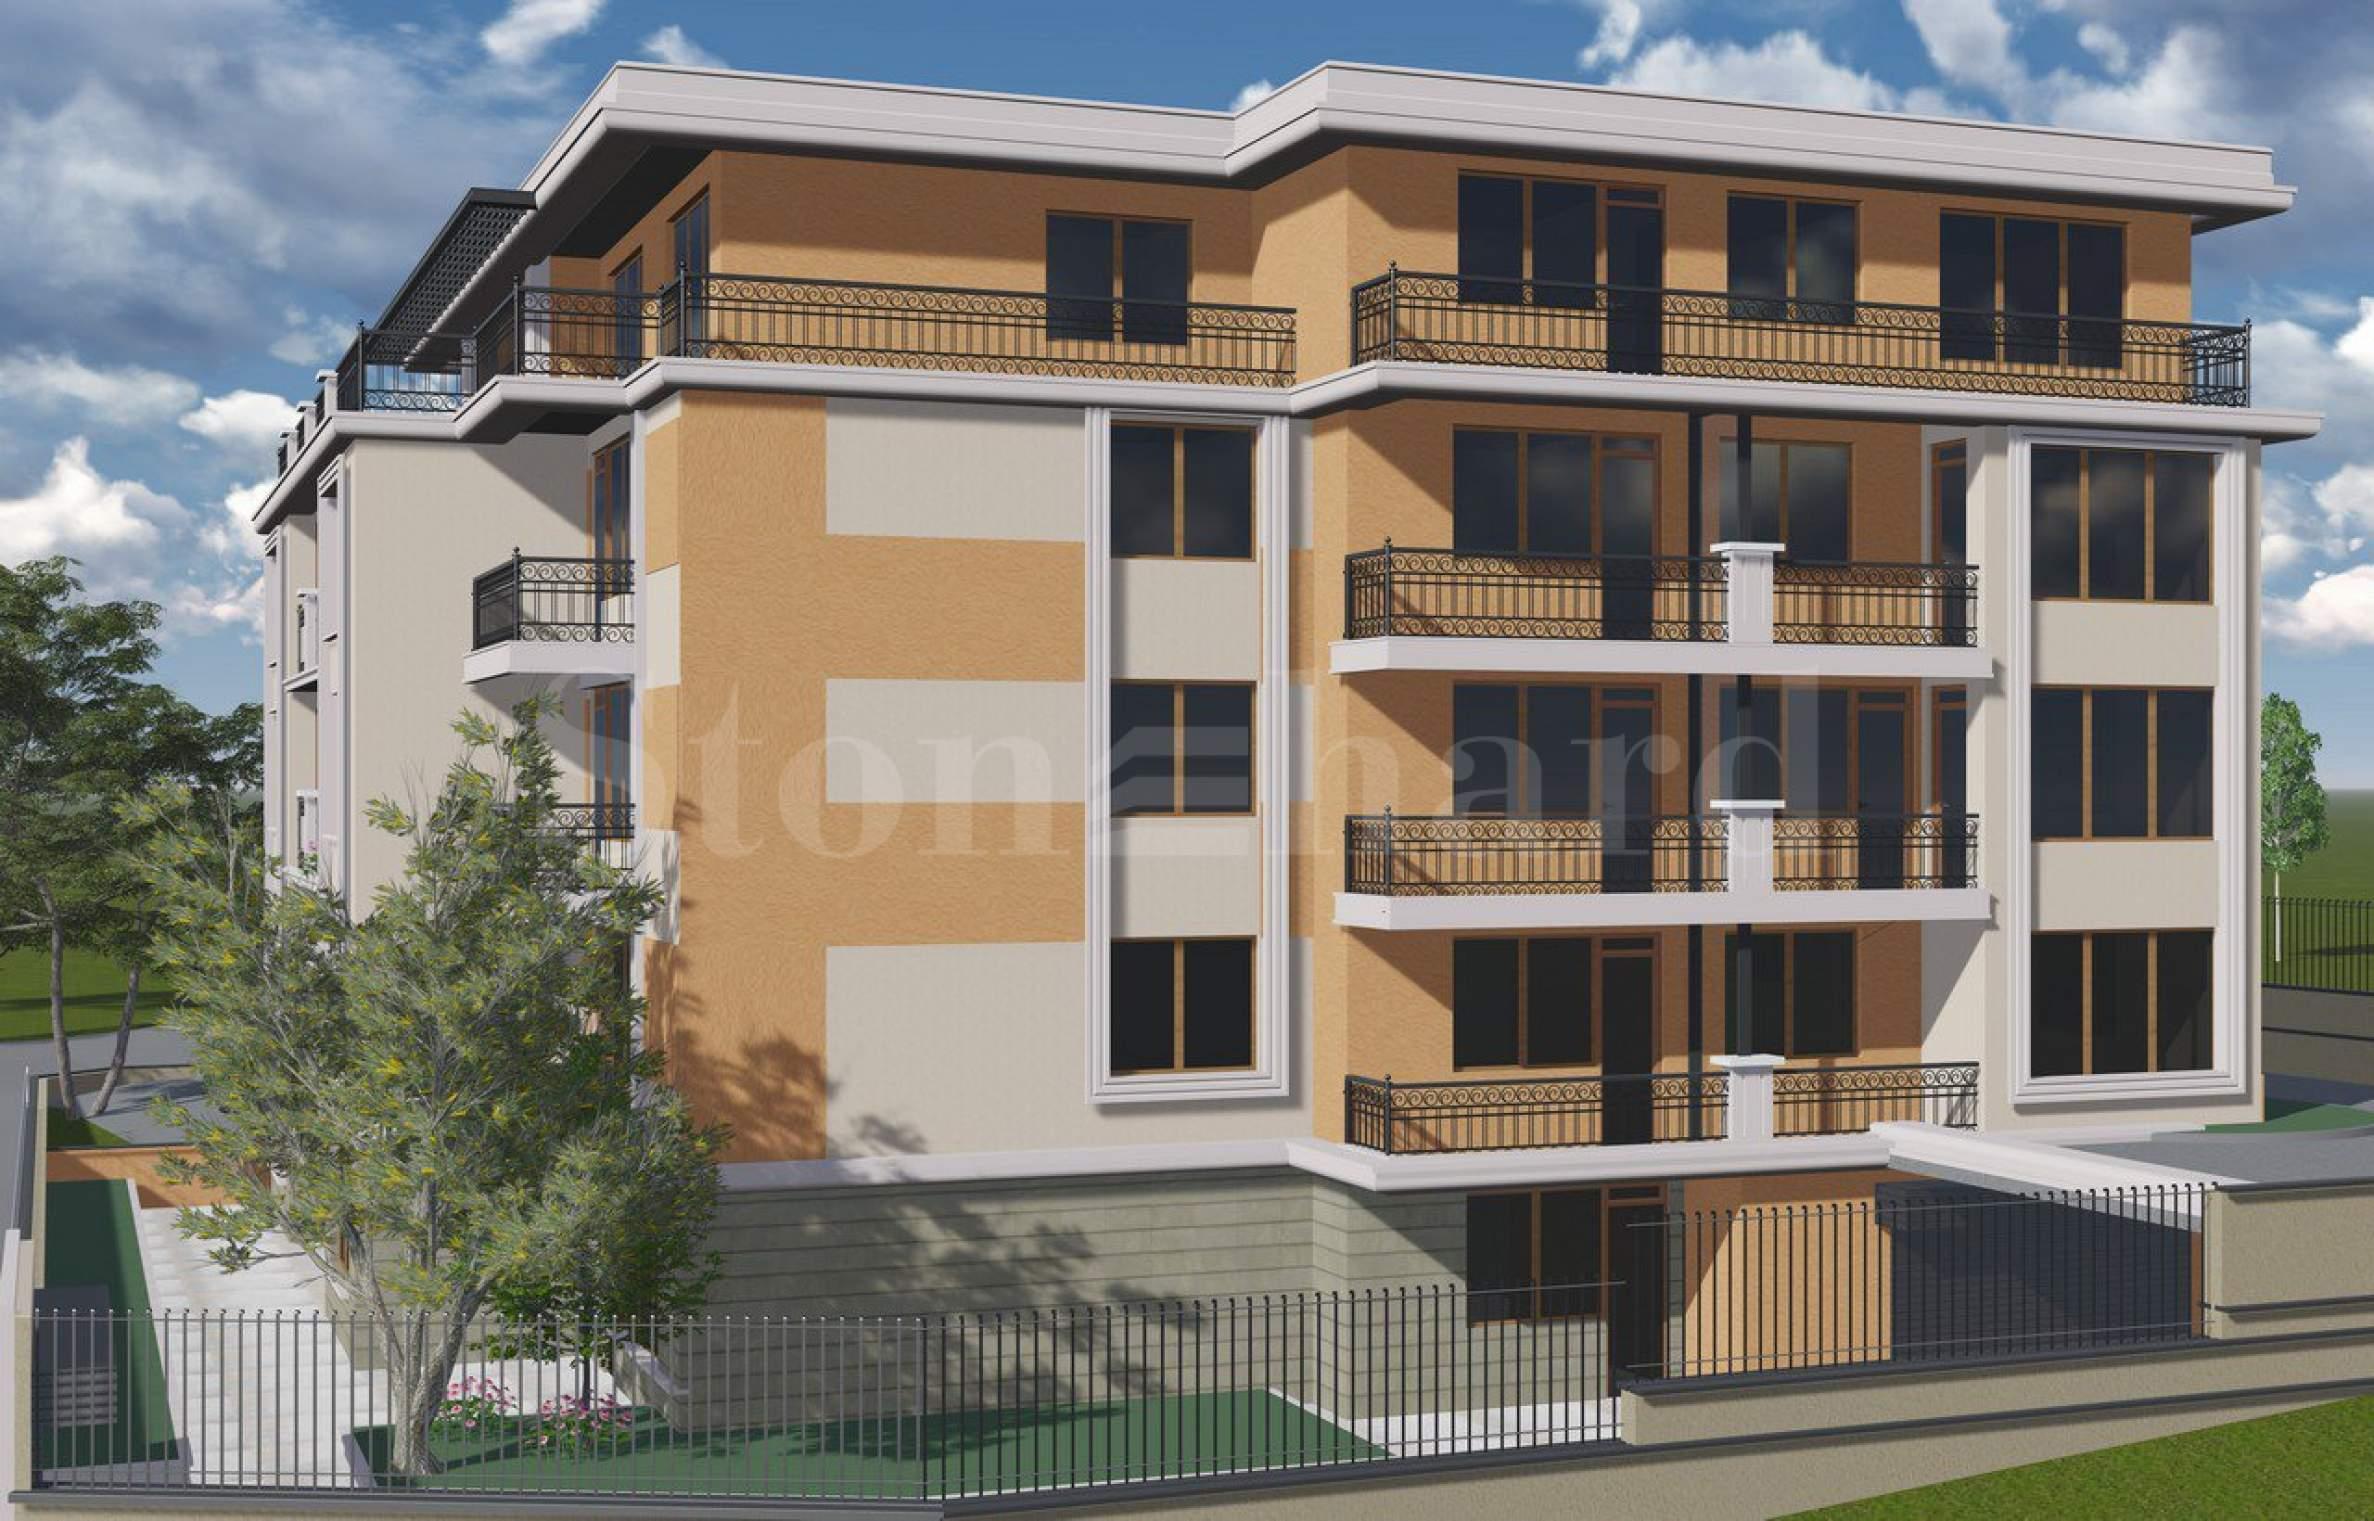 Апартаменти в комплекс до борова гора 2 - Stonehard